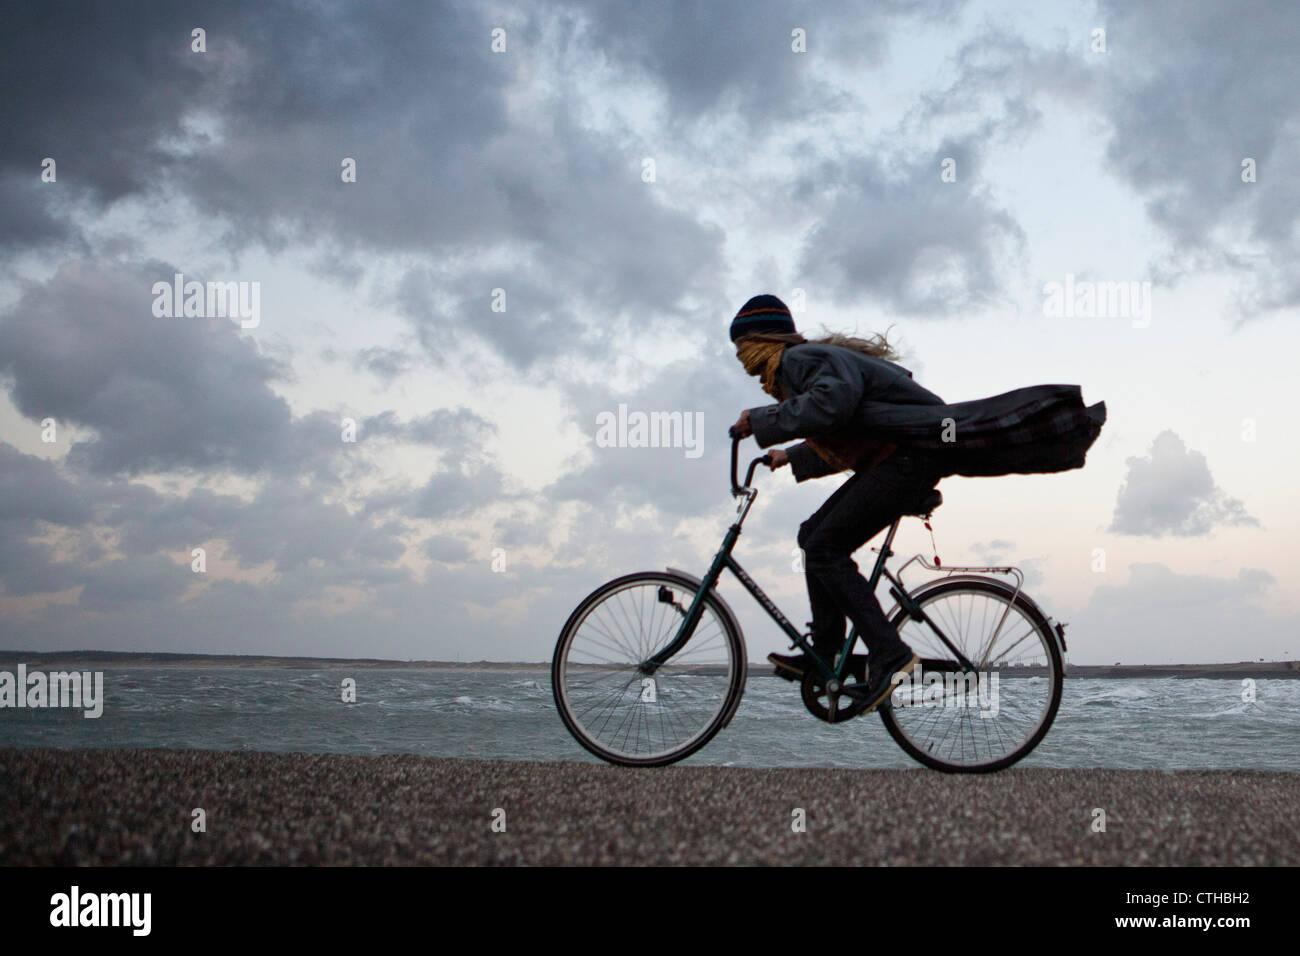 Les Pays-Bas, Kamperland, femme cyclisme contre la tempête. Photo Stock